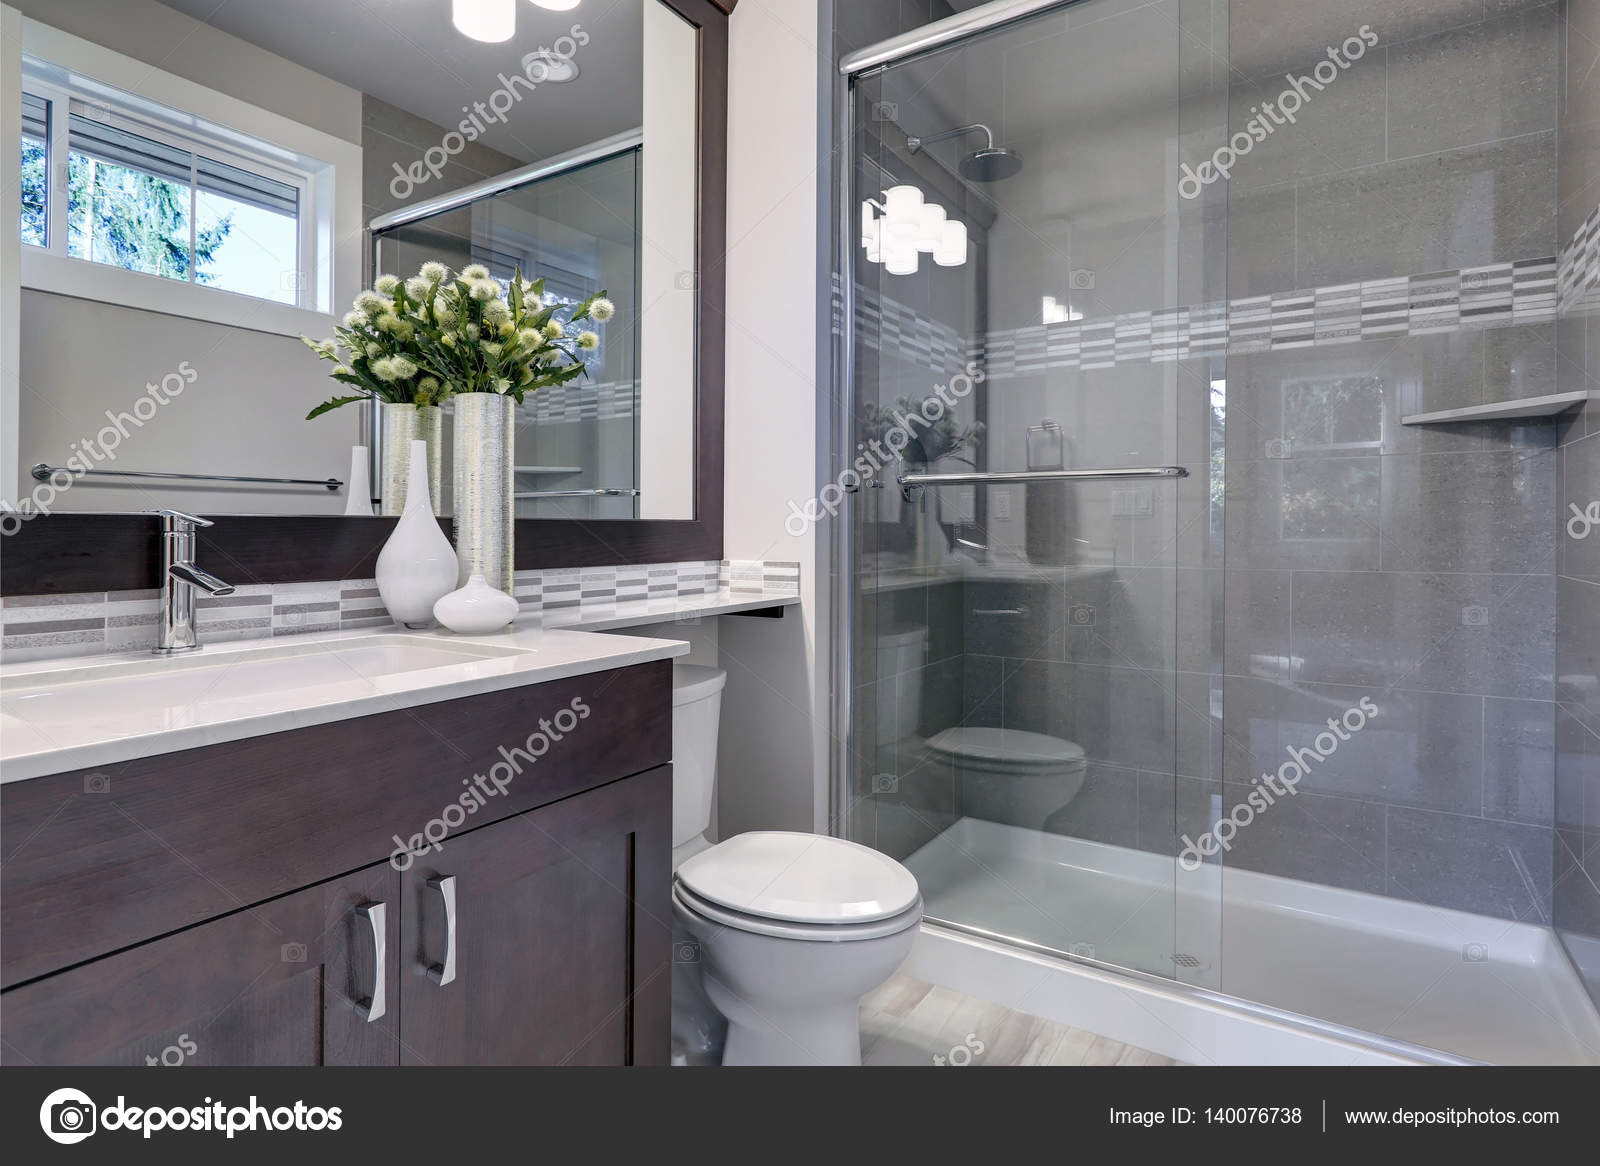 Helle Neue Badezimmer Interieur Mit Glas Begehbarer Dusche U2014 Stockfoto